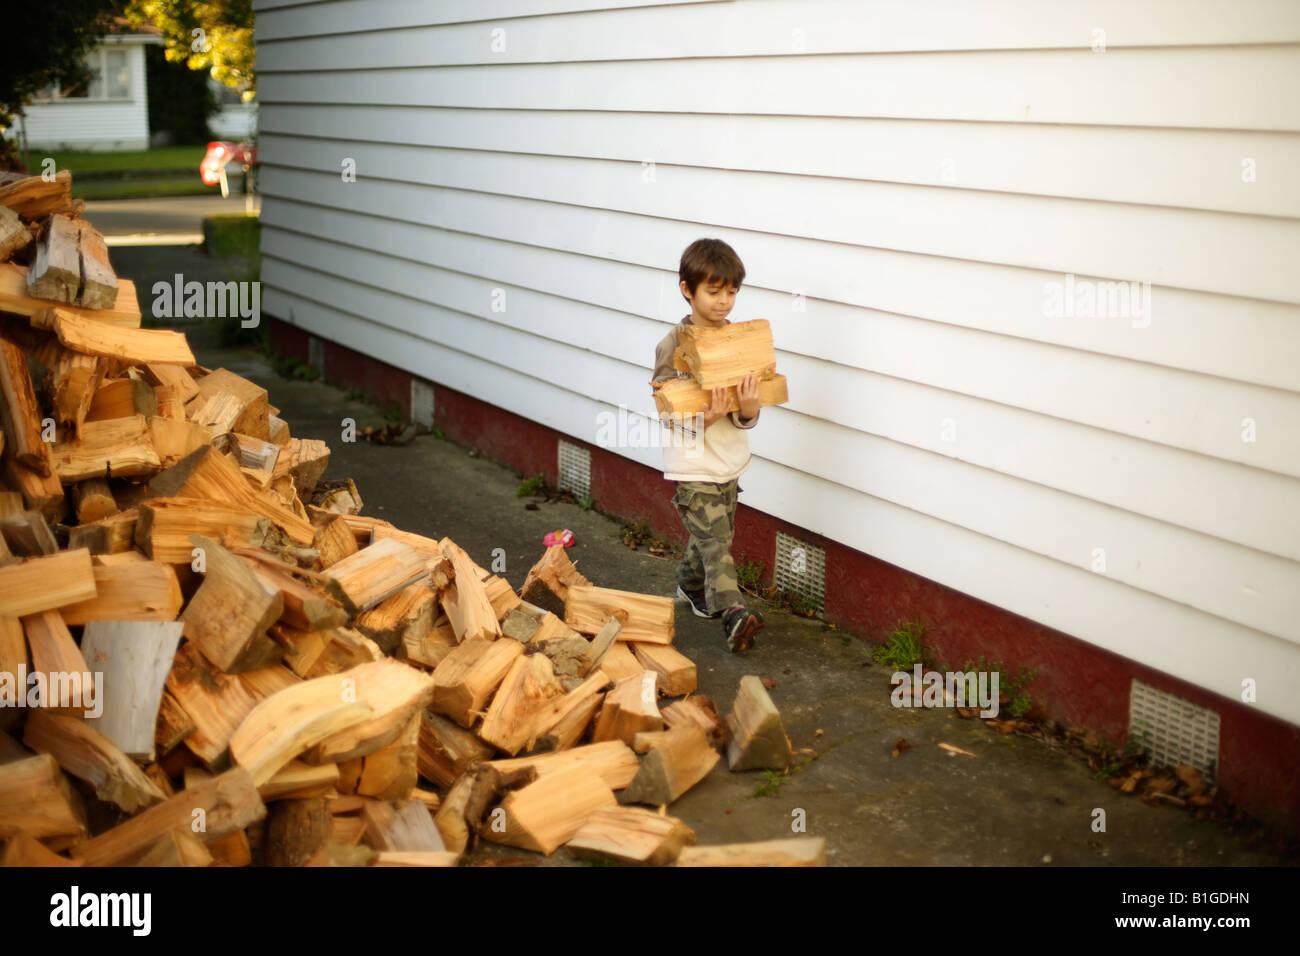 Sechs Jahre alter Junge bringt Protokolle aus den Holzhaufen Stockbild